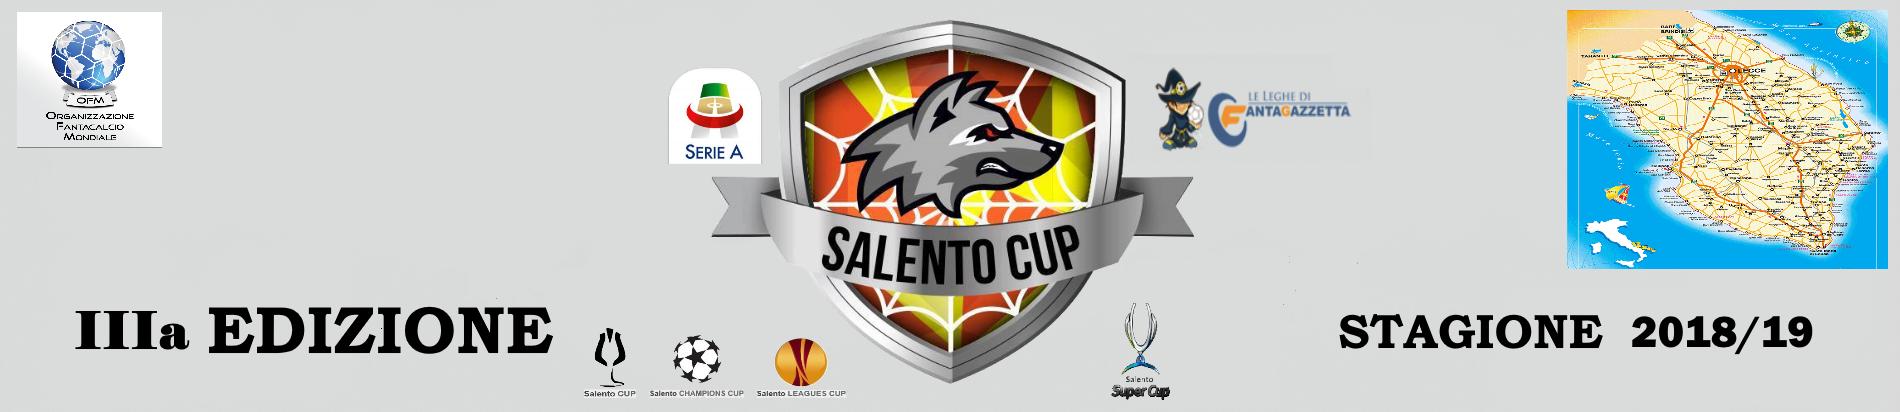 banner_salentocup 18-19